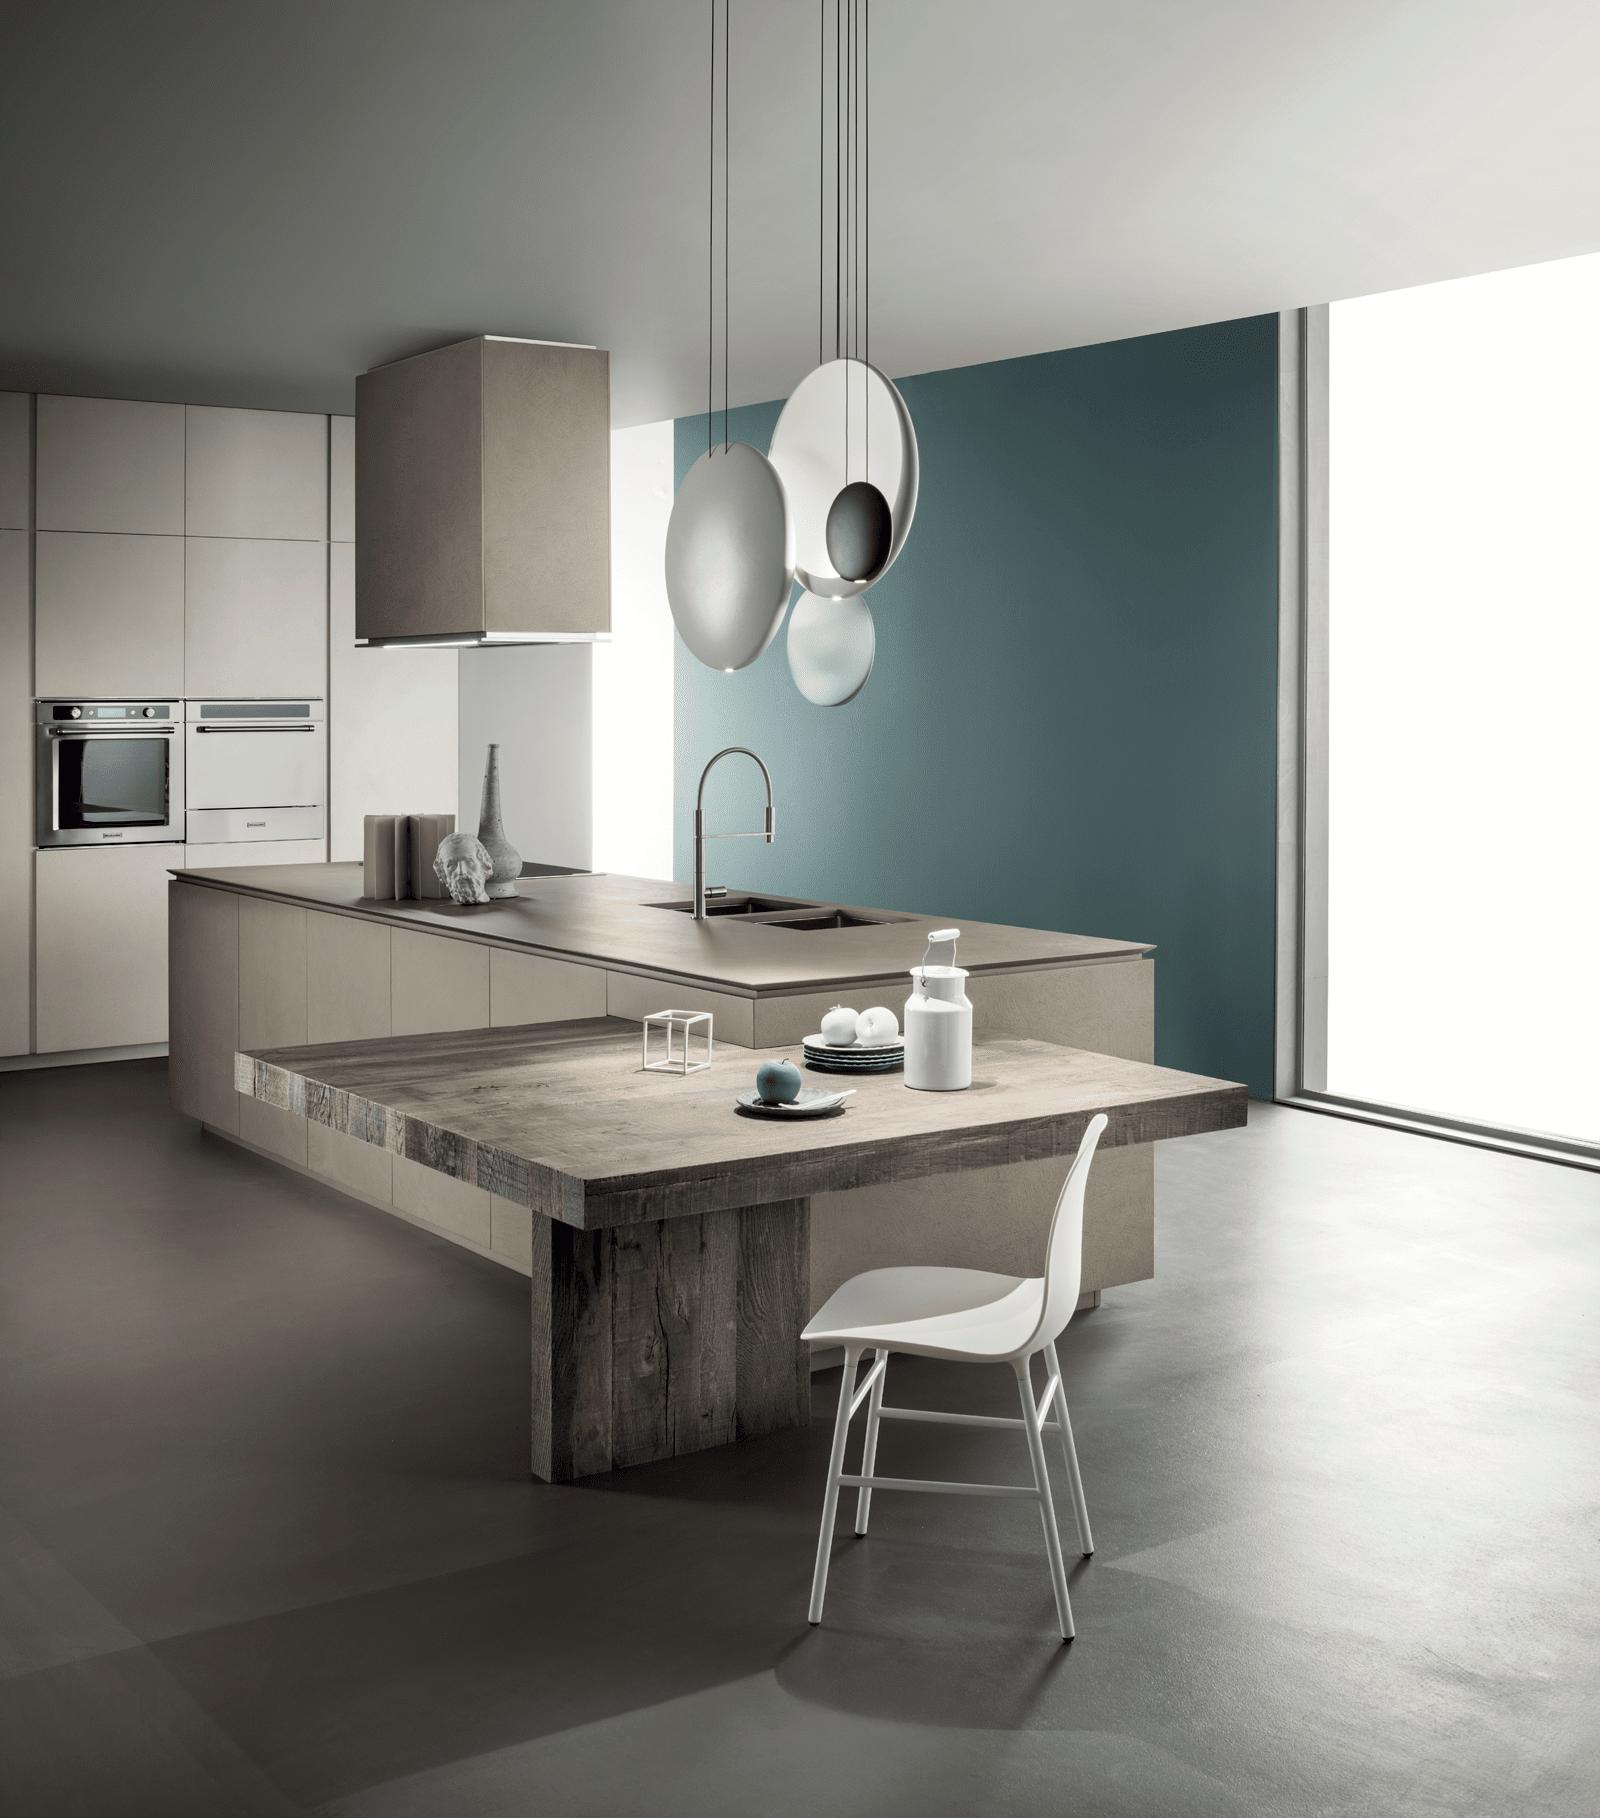 Cucina con l 39 isola il modello ideale a vista sul soggiorno cose di casa - Tavolo isola cucina ...